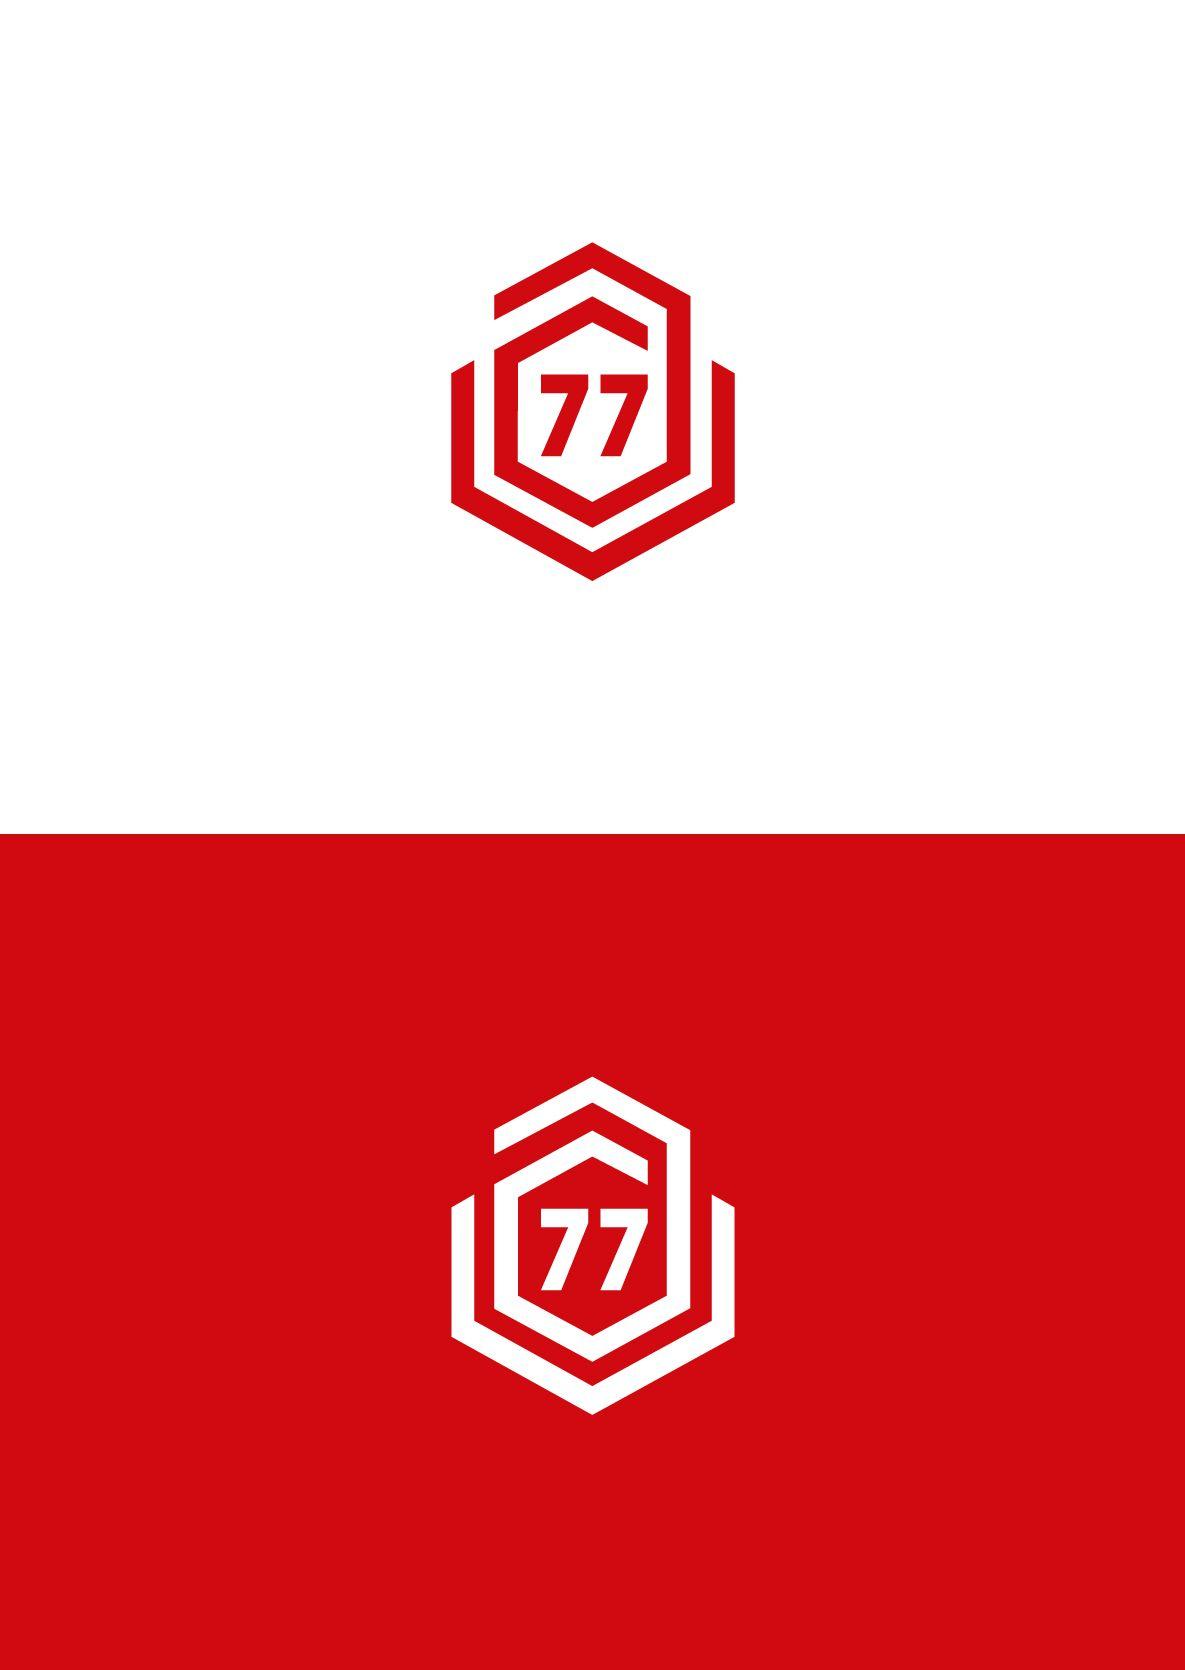 Лого для сайта по коммерческой недвижимости A77.RU - дизайнер shamaevserg